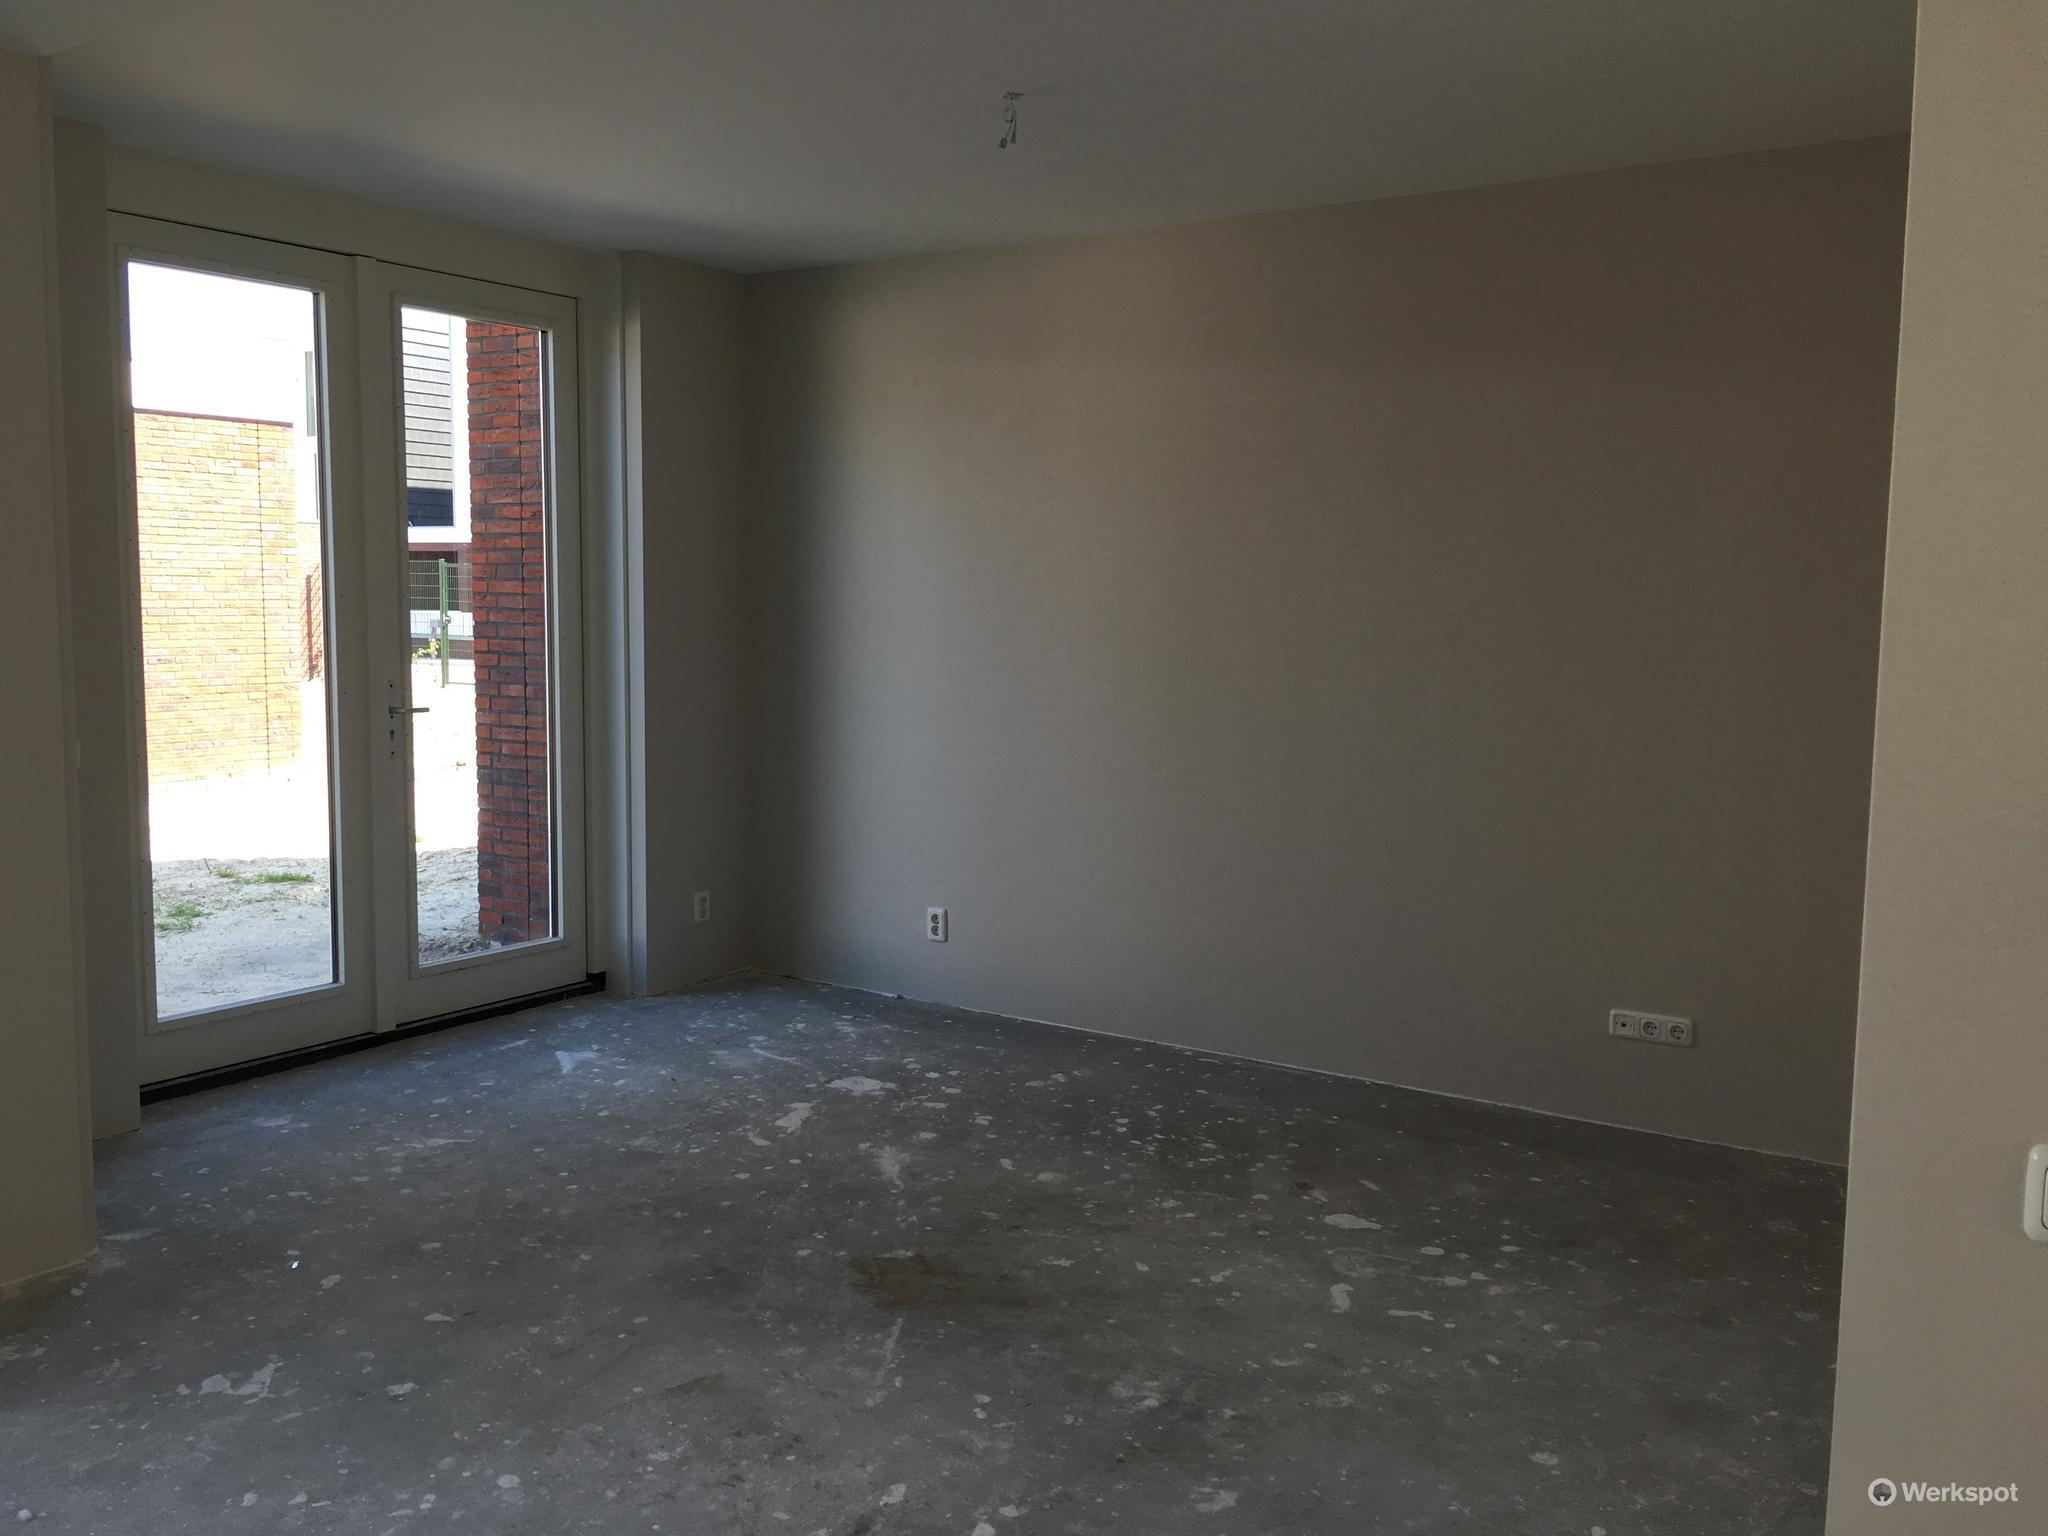 300 m2 renovlies behang aanbrengen in nieuwbouw woning